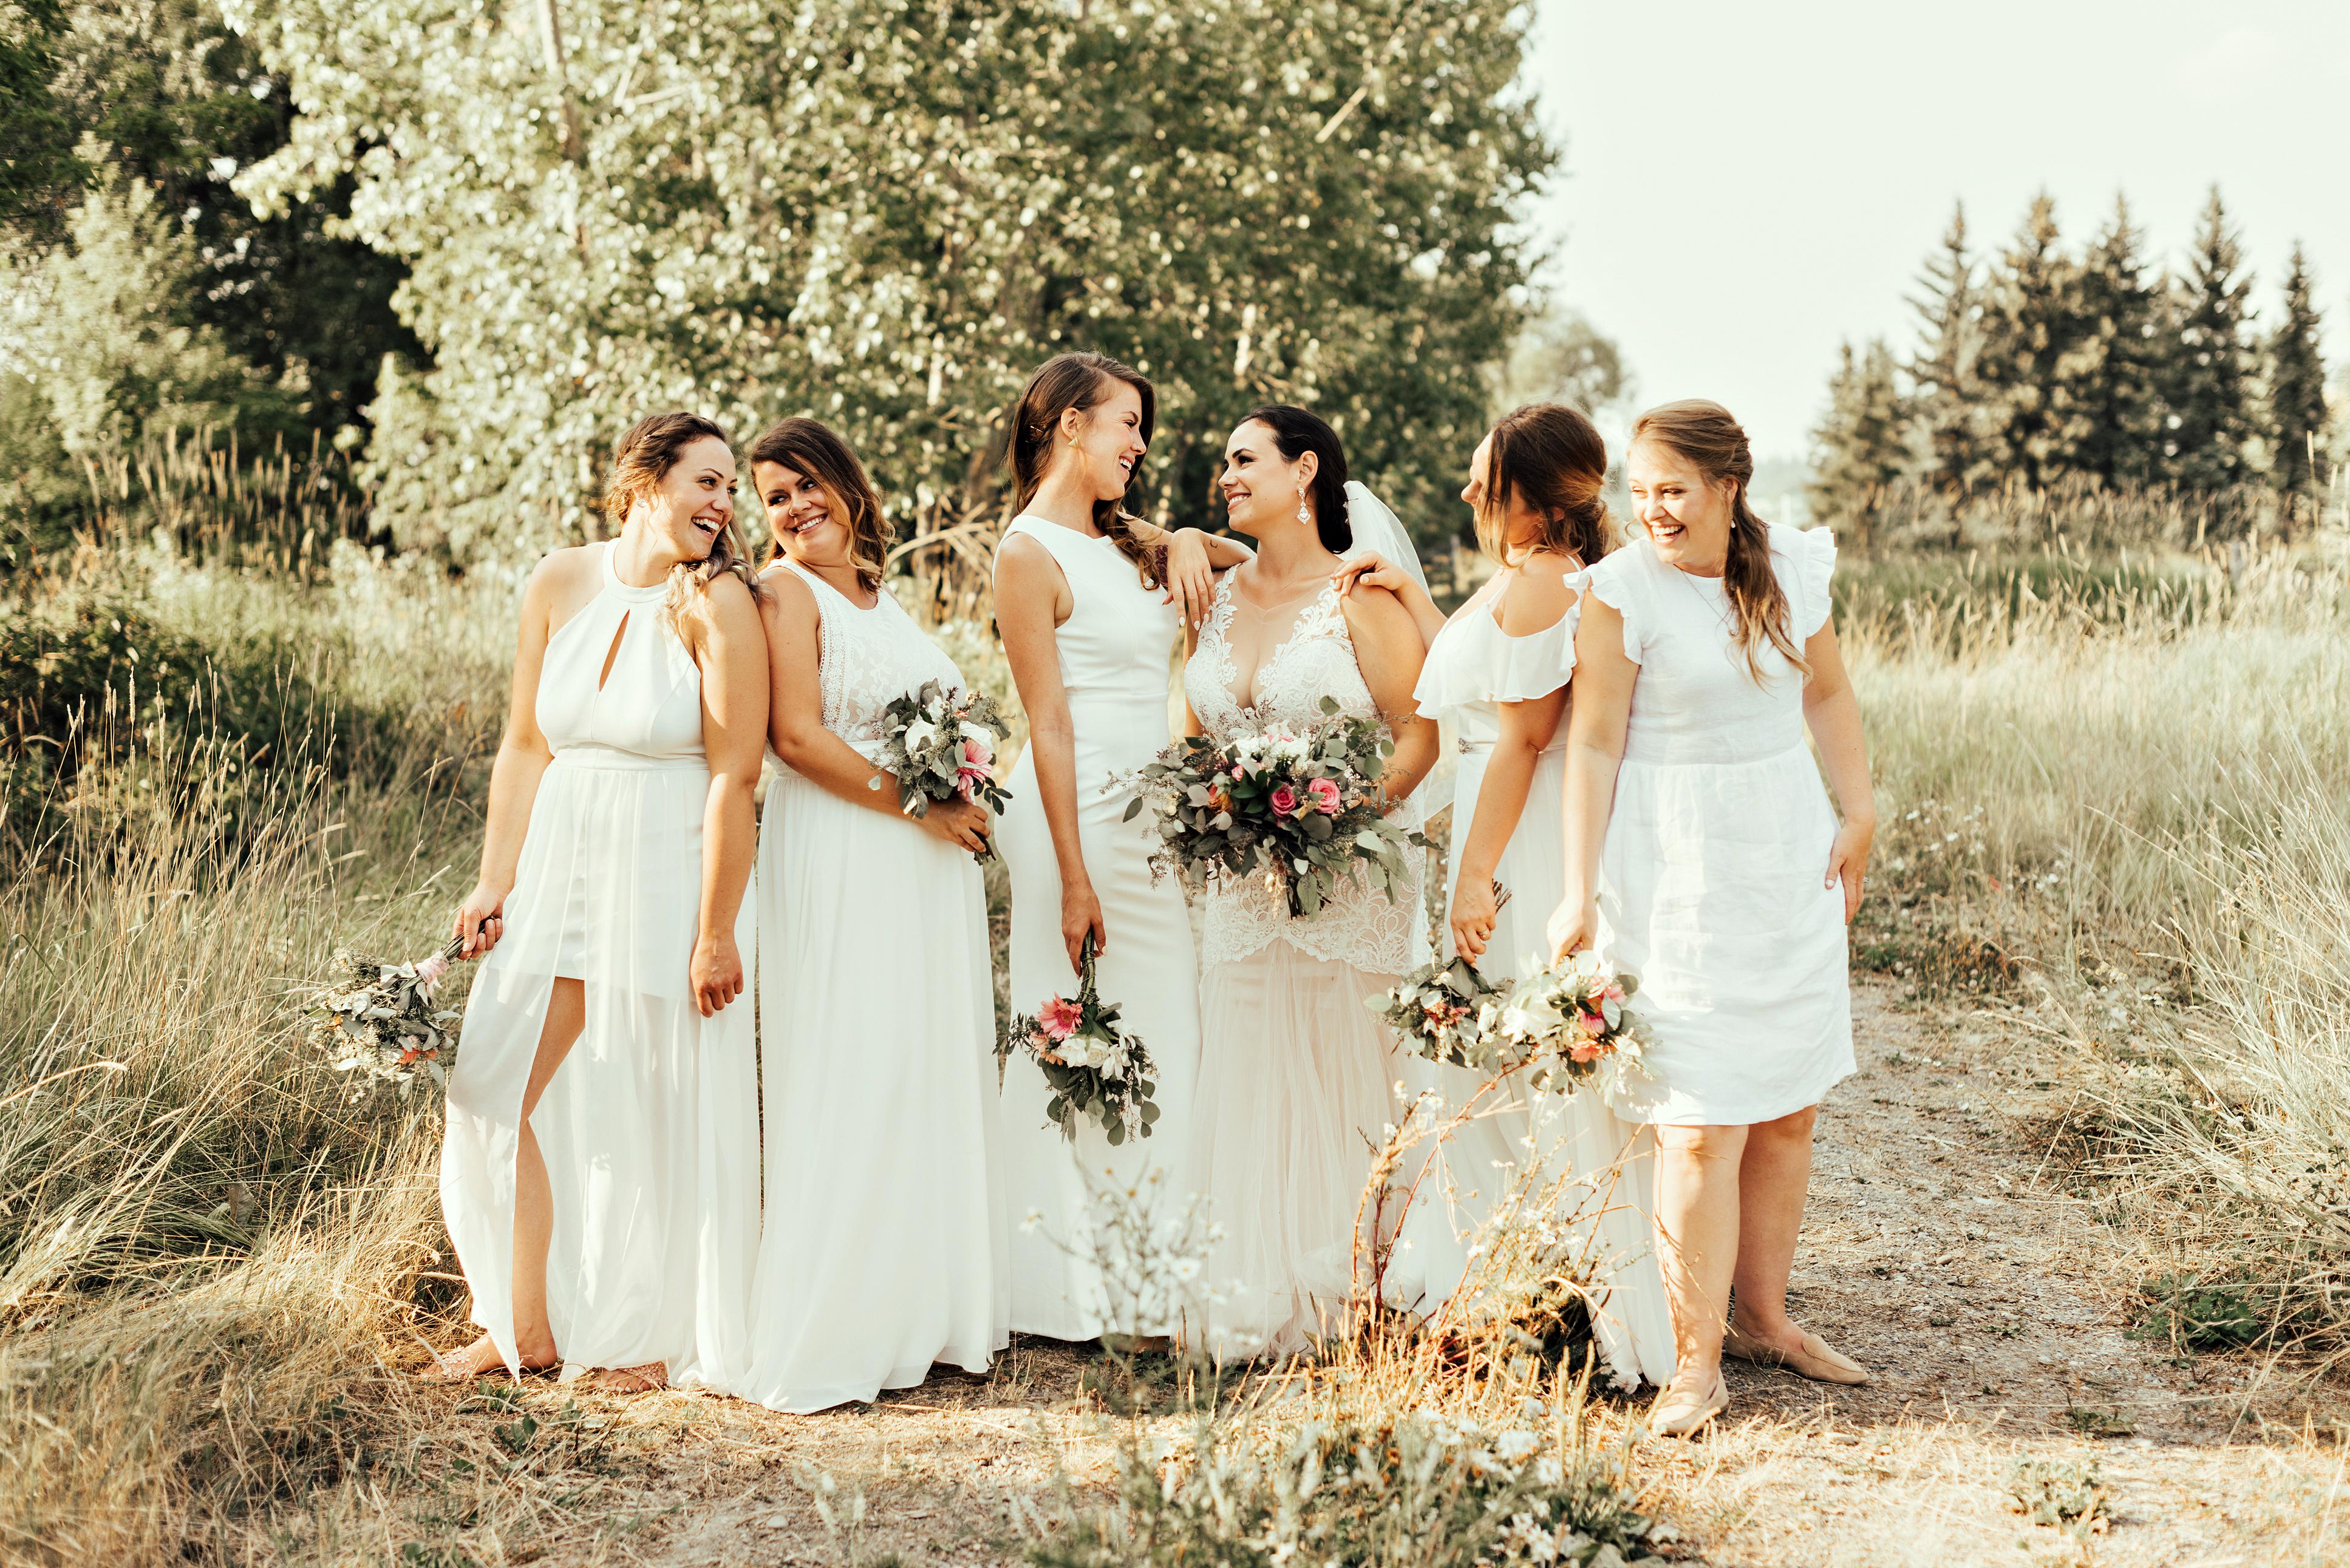 Horning_Wedding2018_Formals_MRP-105